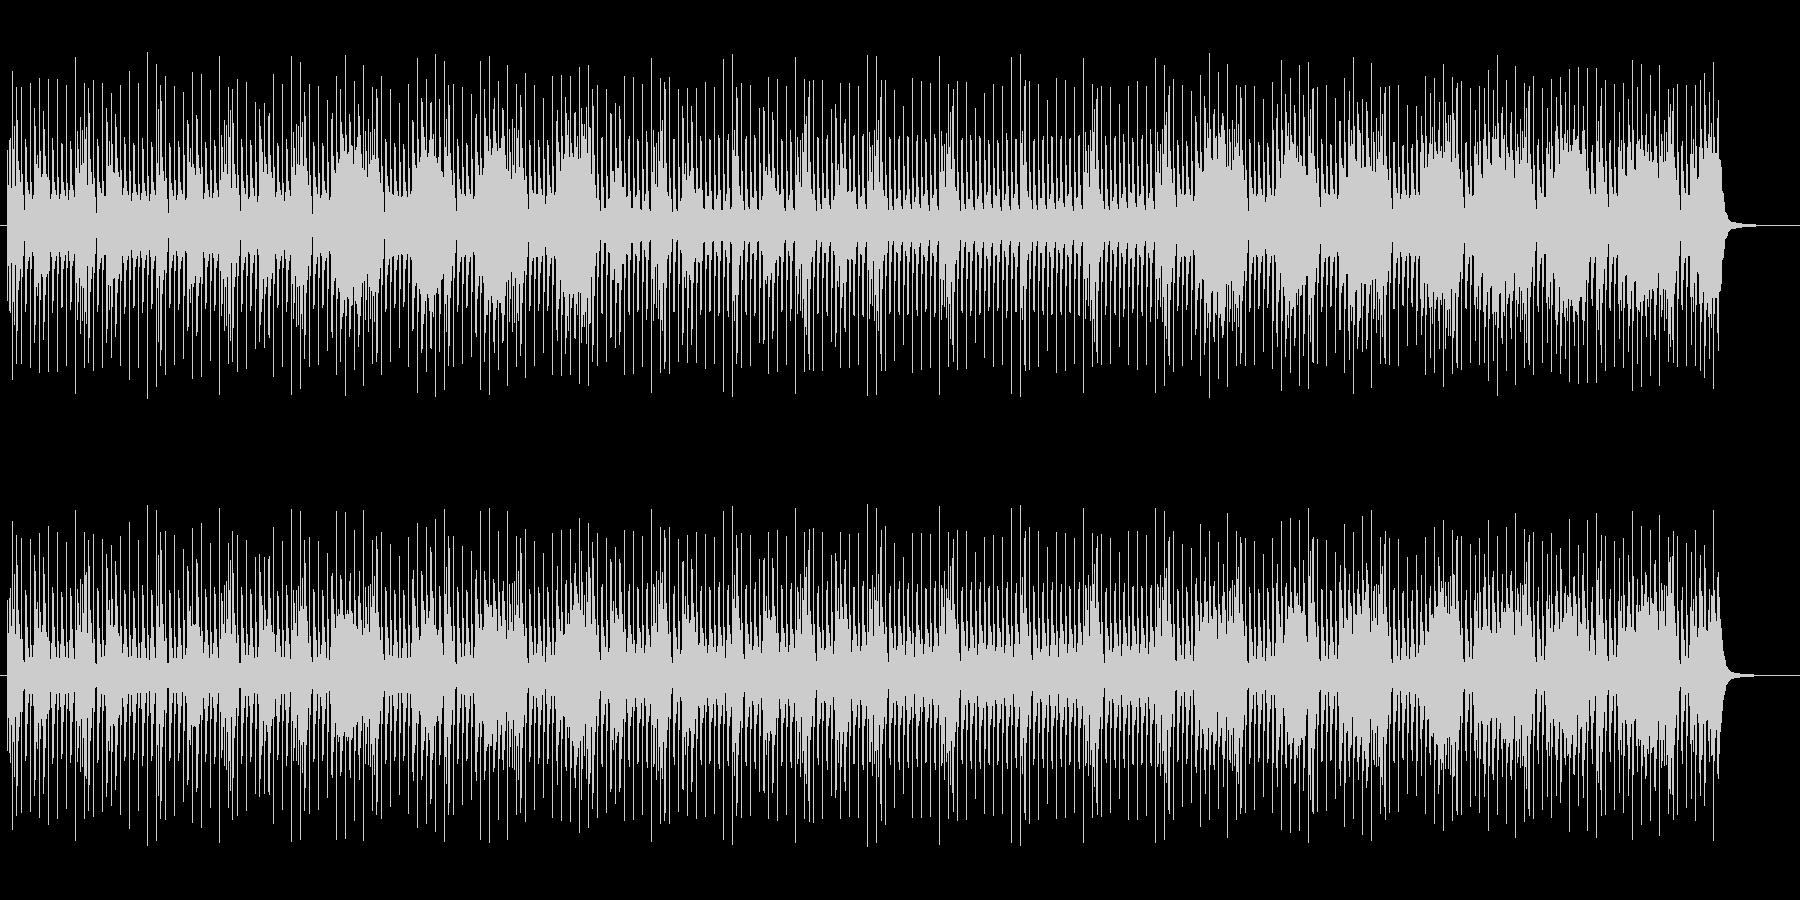 シンプルで幻想的なスピリチュアルサウンドの未再生の波形